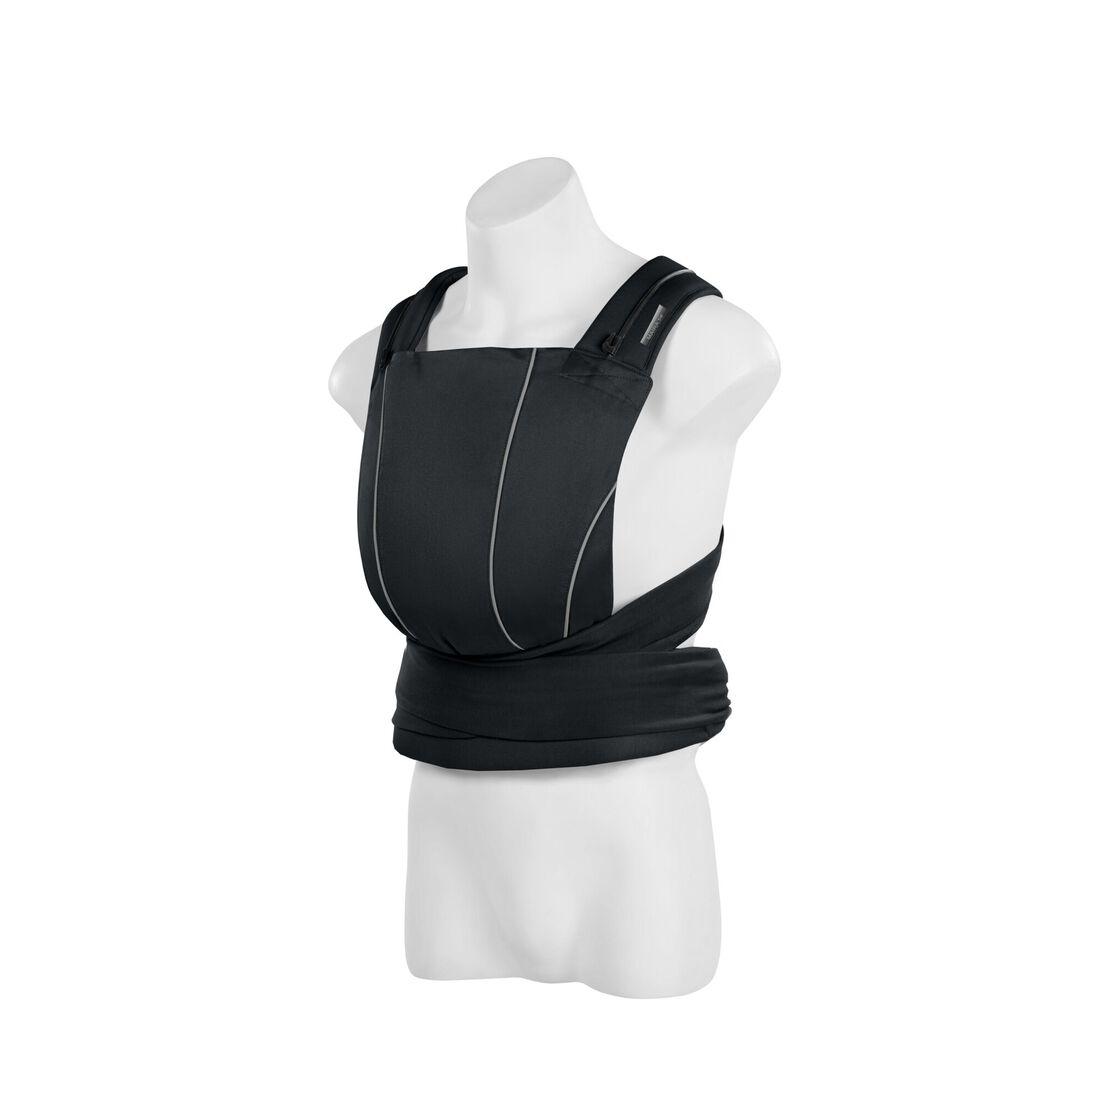 CYBEX Maira Tie - Lavastone Black in Lavastone Black large image number 2